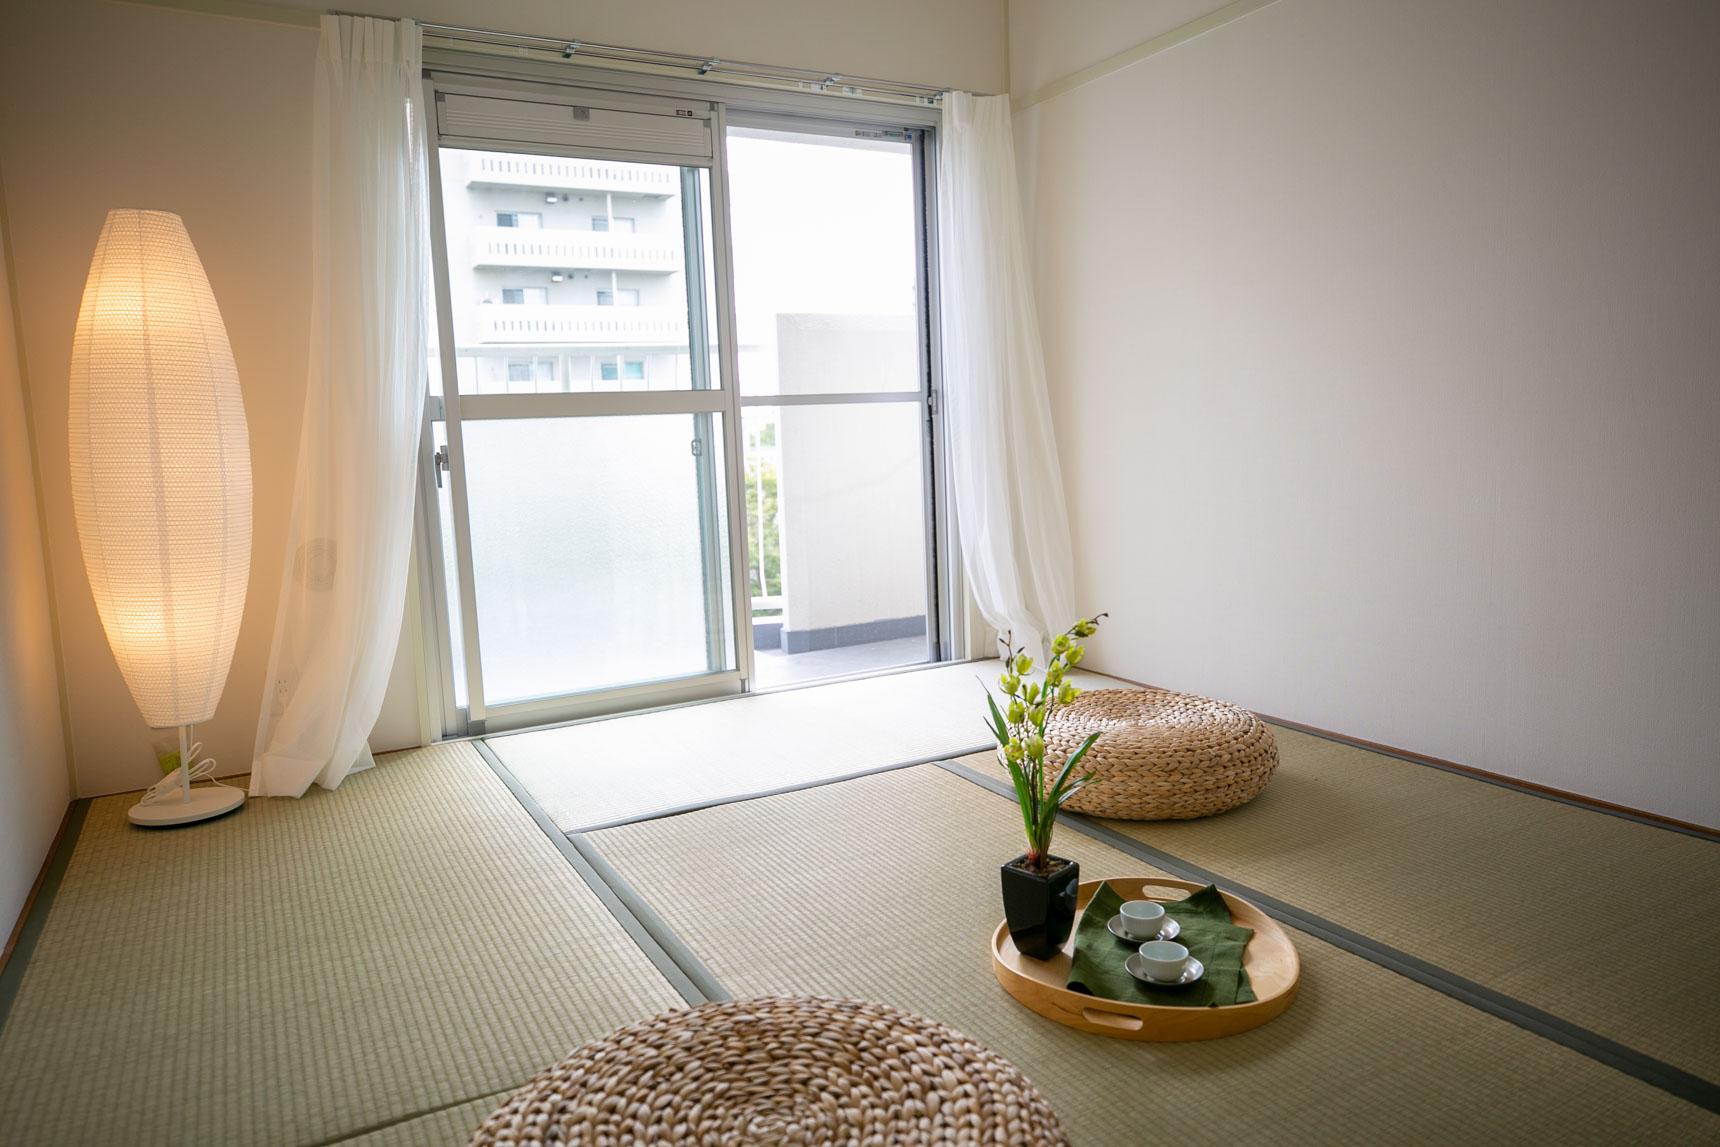 LDKのお隣には、落ち着いた雰囲気の和室があります。お客さんが来た時に泊まってもらうお部屋にしたり、小さな子が遊ぶのにもいいですよね。